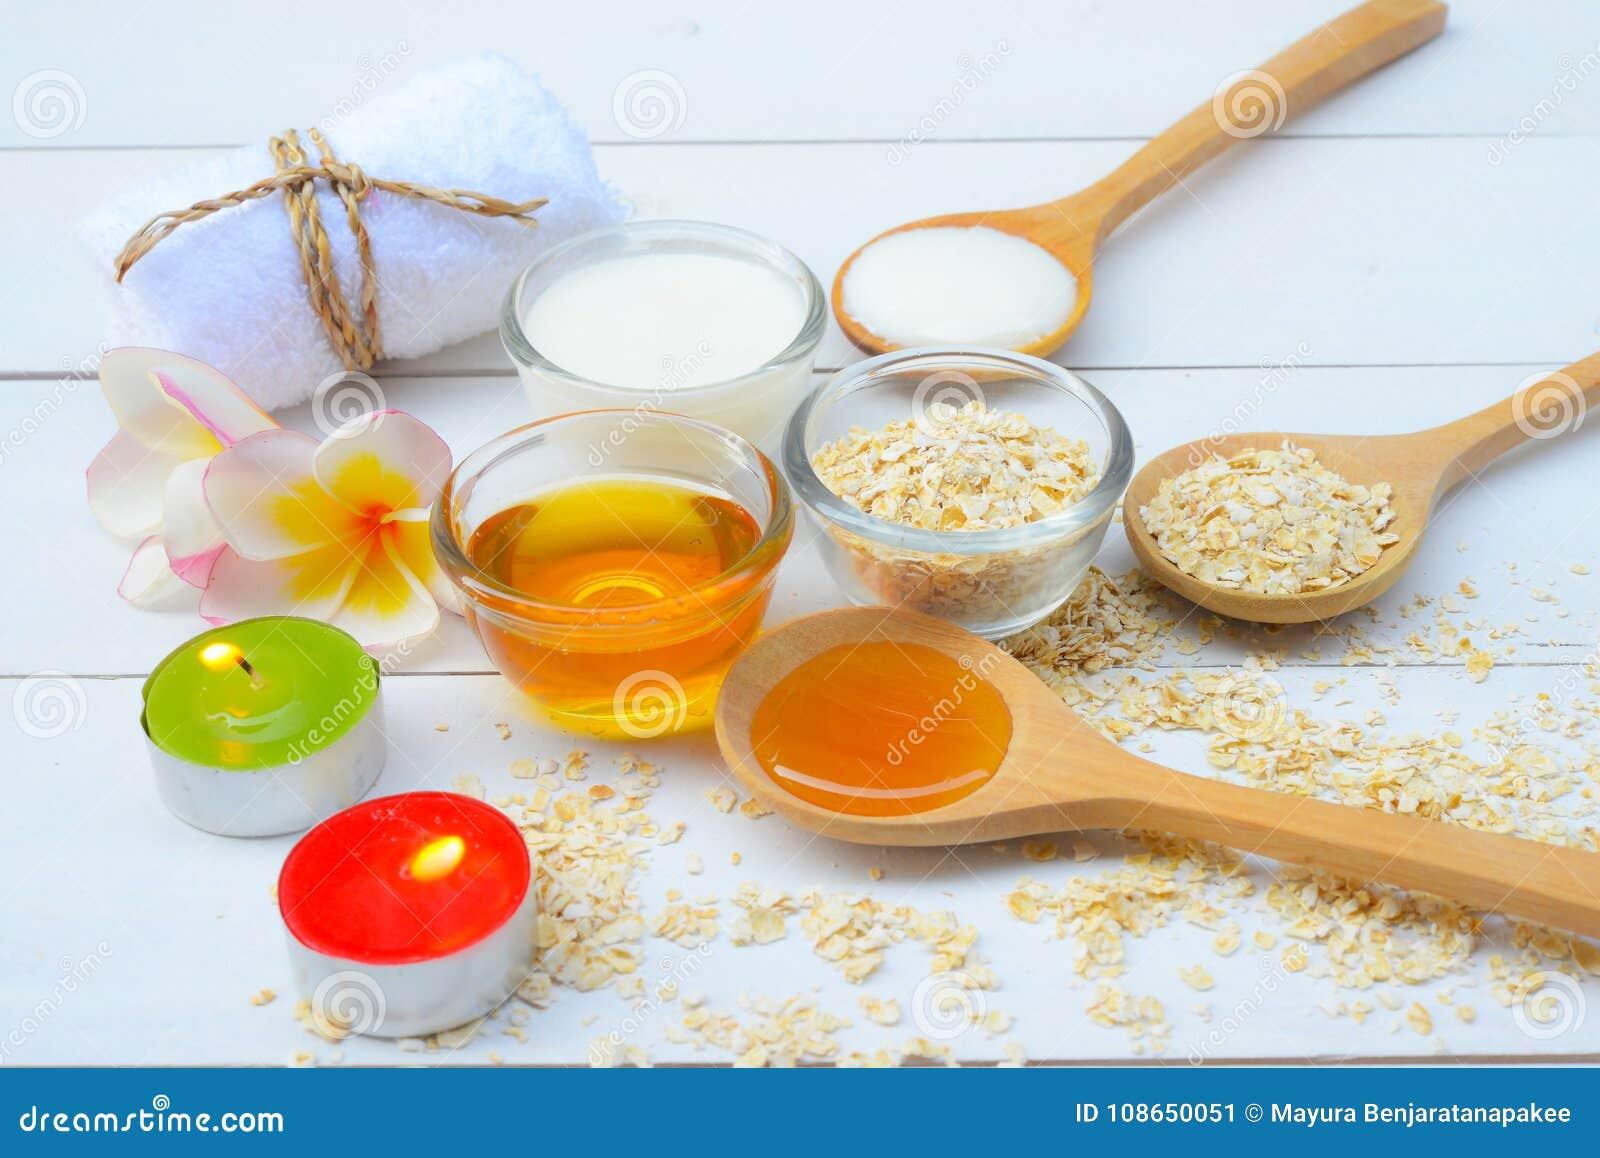 自创主字体的自然成份洗刷燕麦蜂蜜和酸奶 被设色的背景秀丽蓝色概念容器装饰性的深度详细资料域充分的仿效宏观自然超出珍珠浅天空